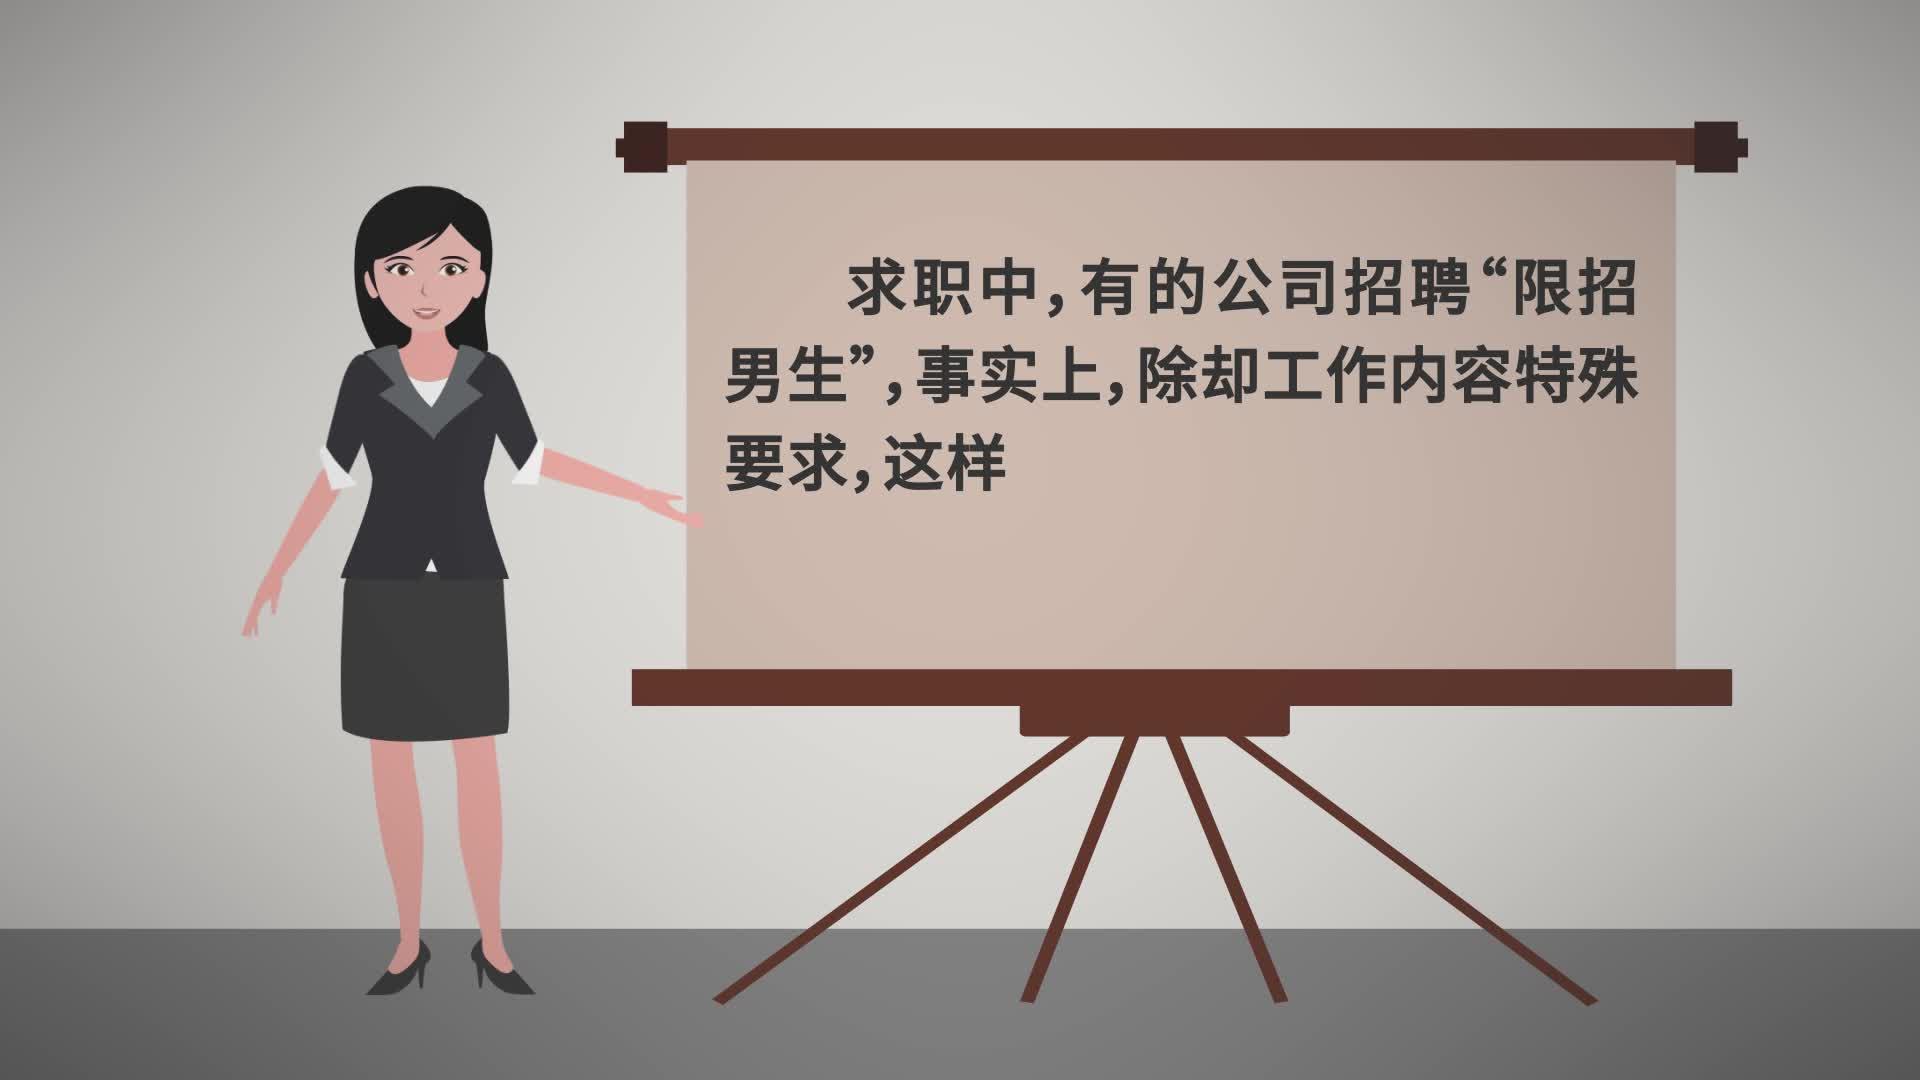 动画短片《我与宪法》 规定义务保障公民权益